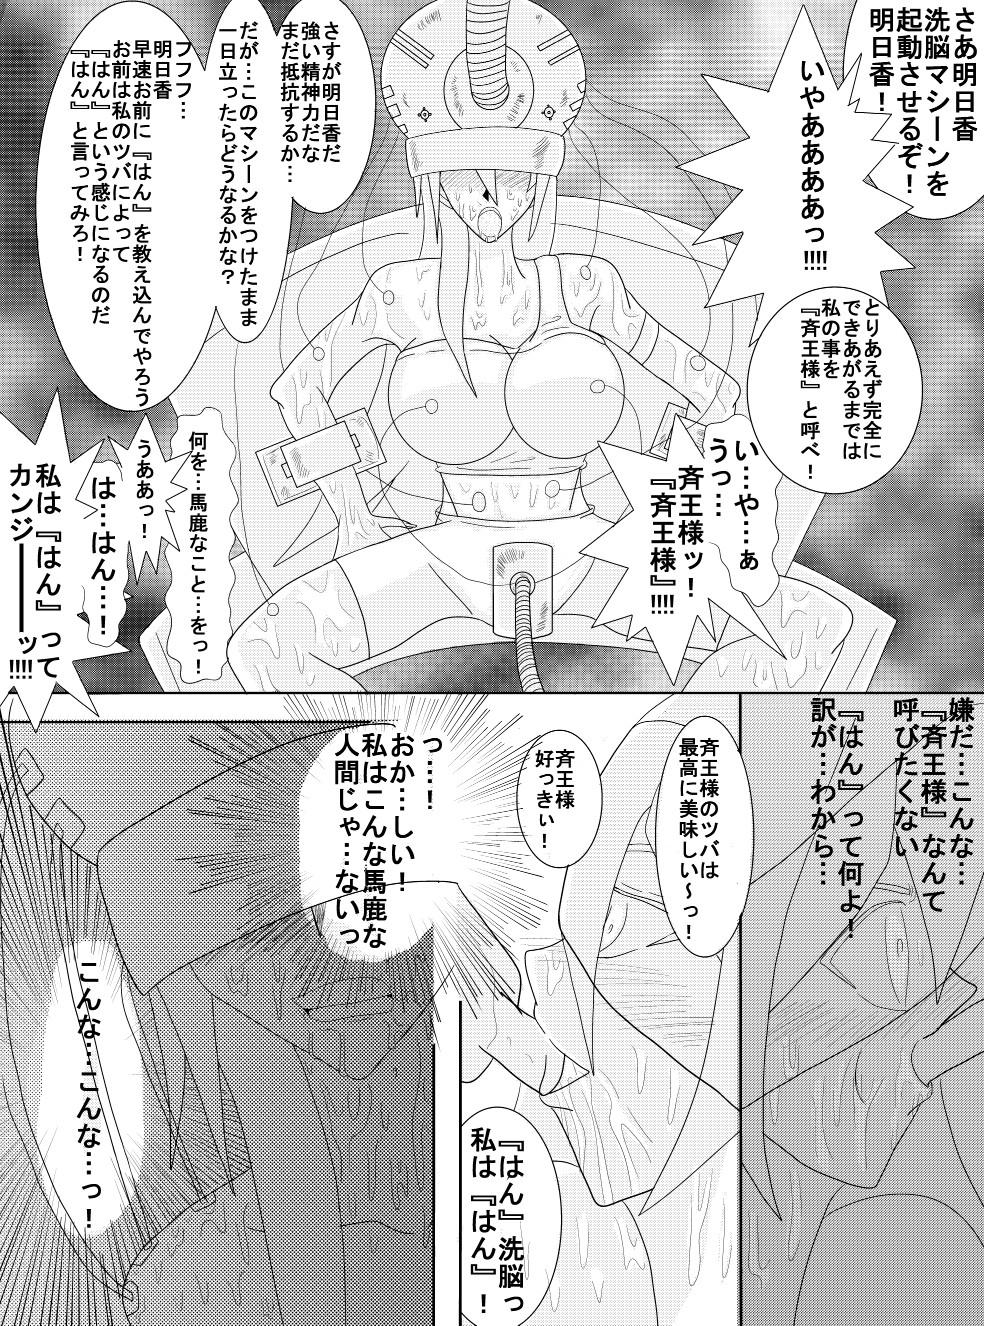 洗脳教育室~総集編Vol.01~ 84